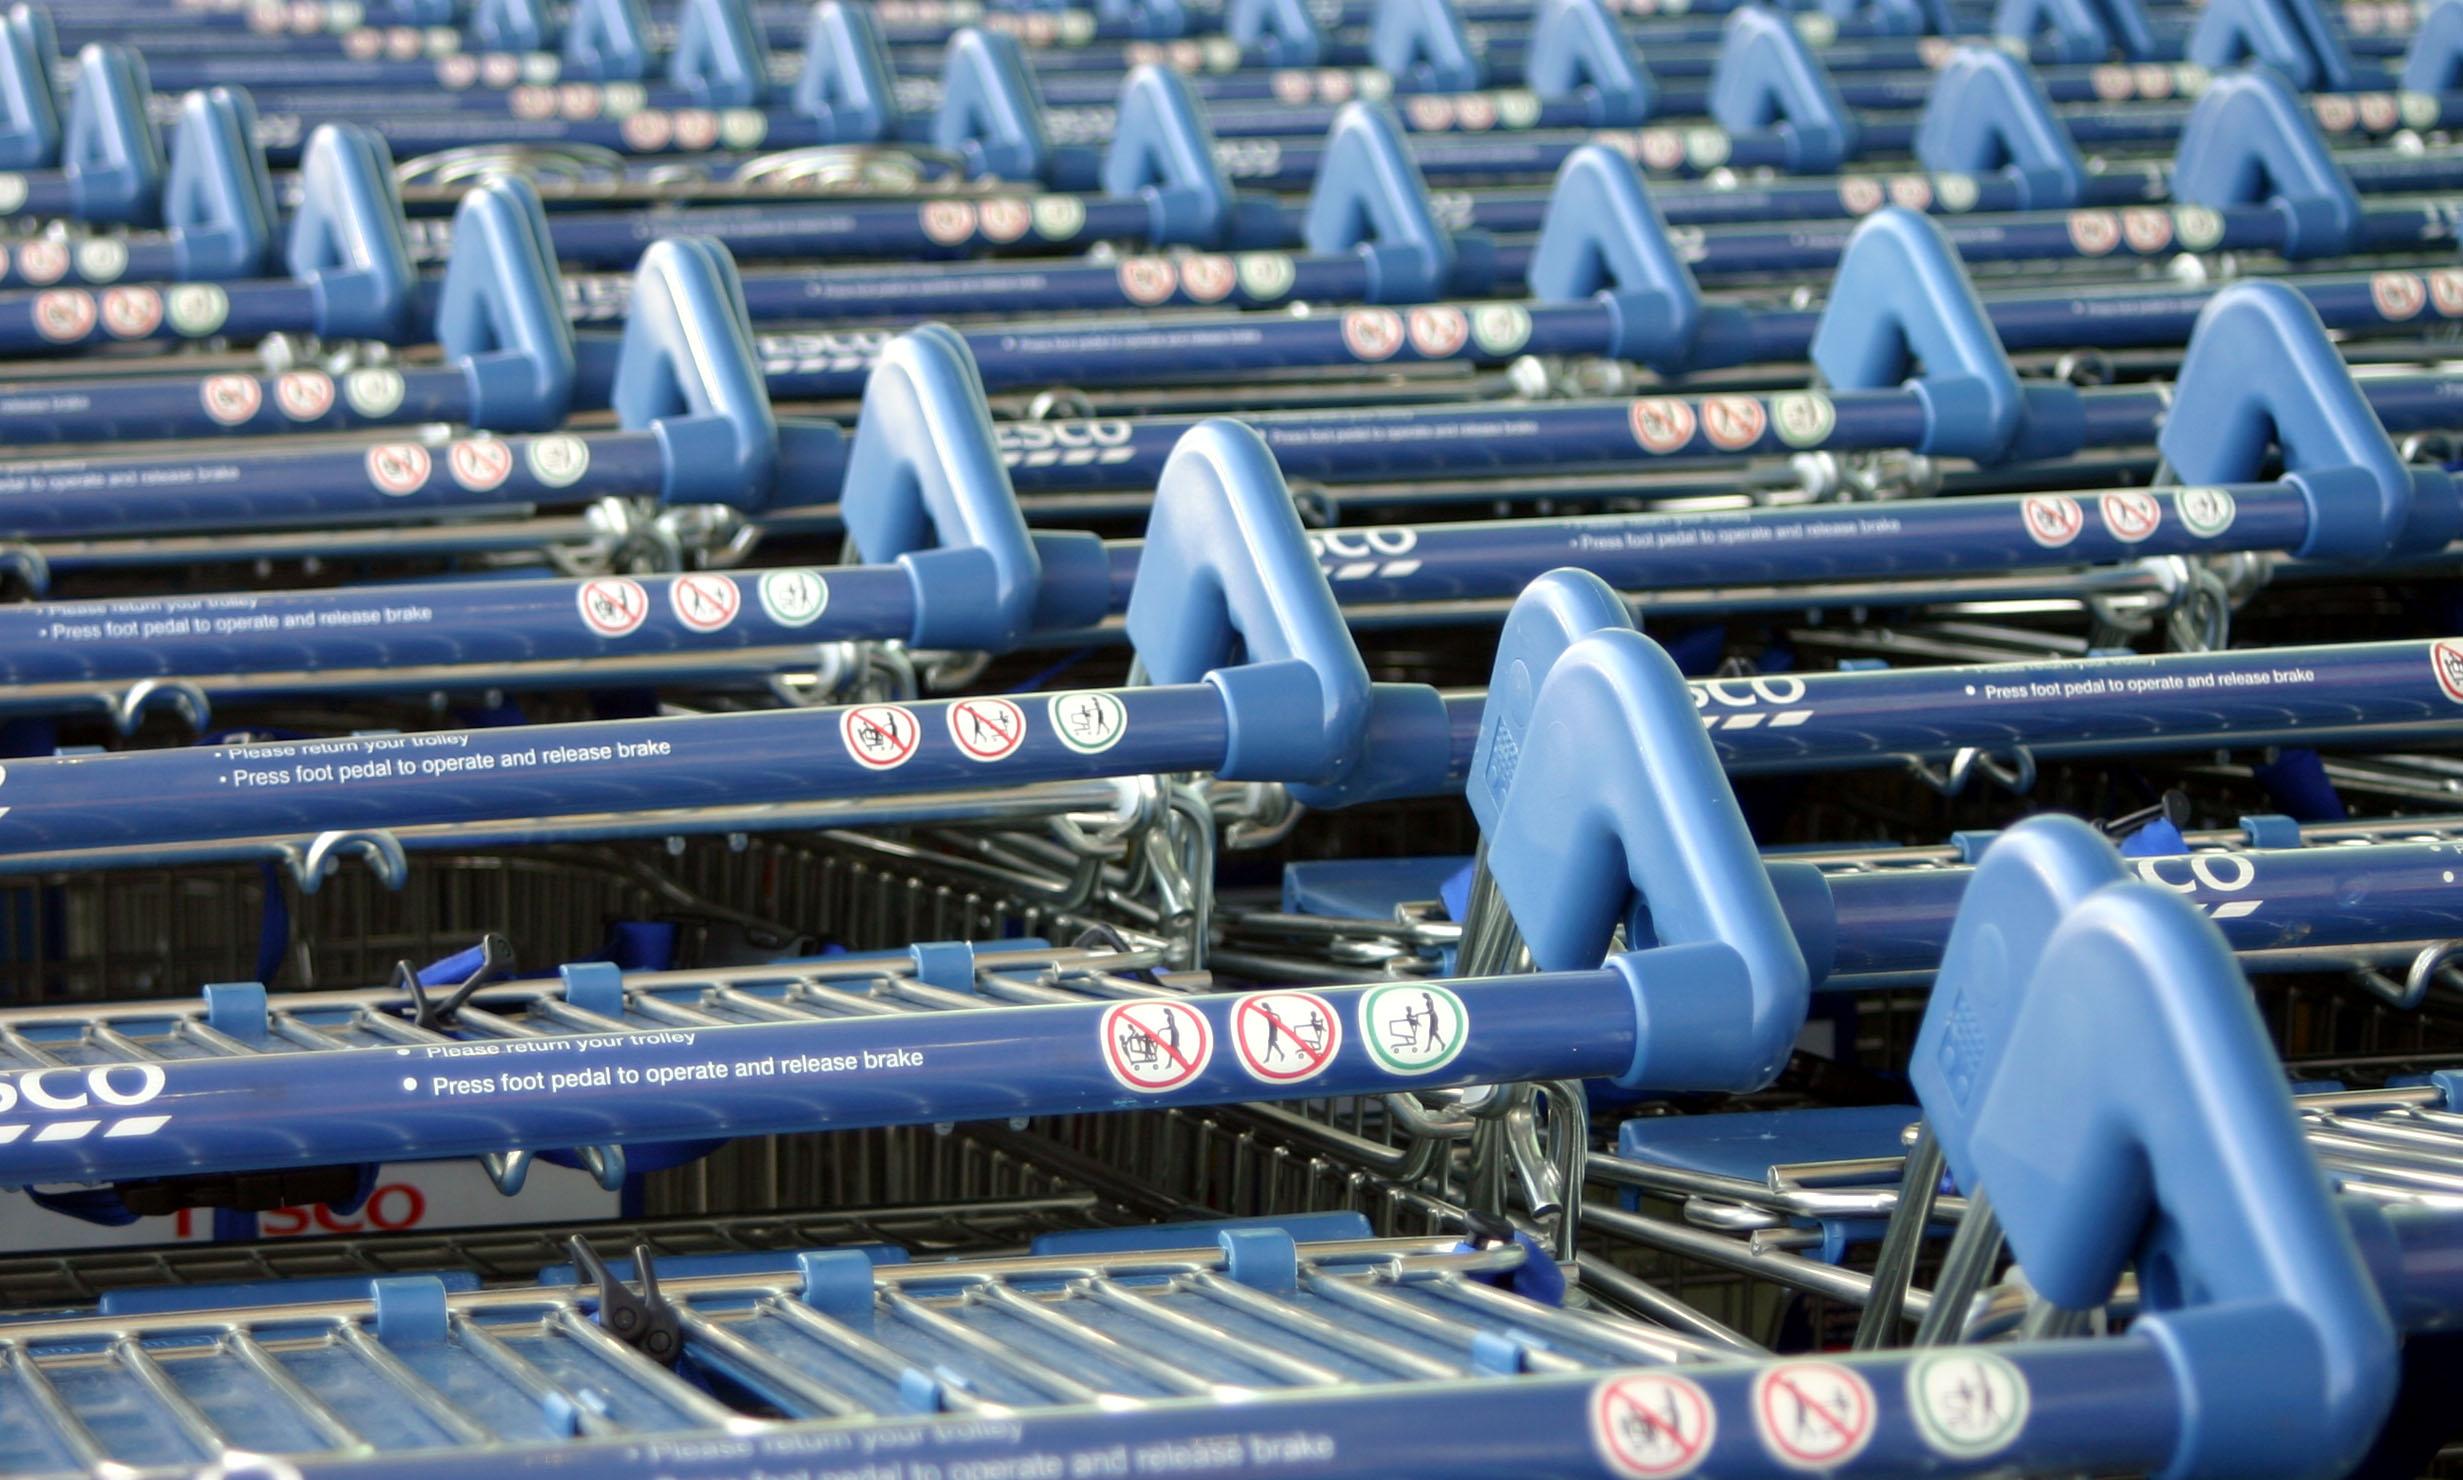 Shoping carts 1526534